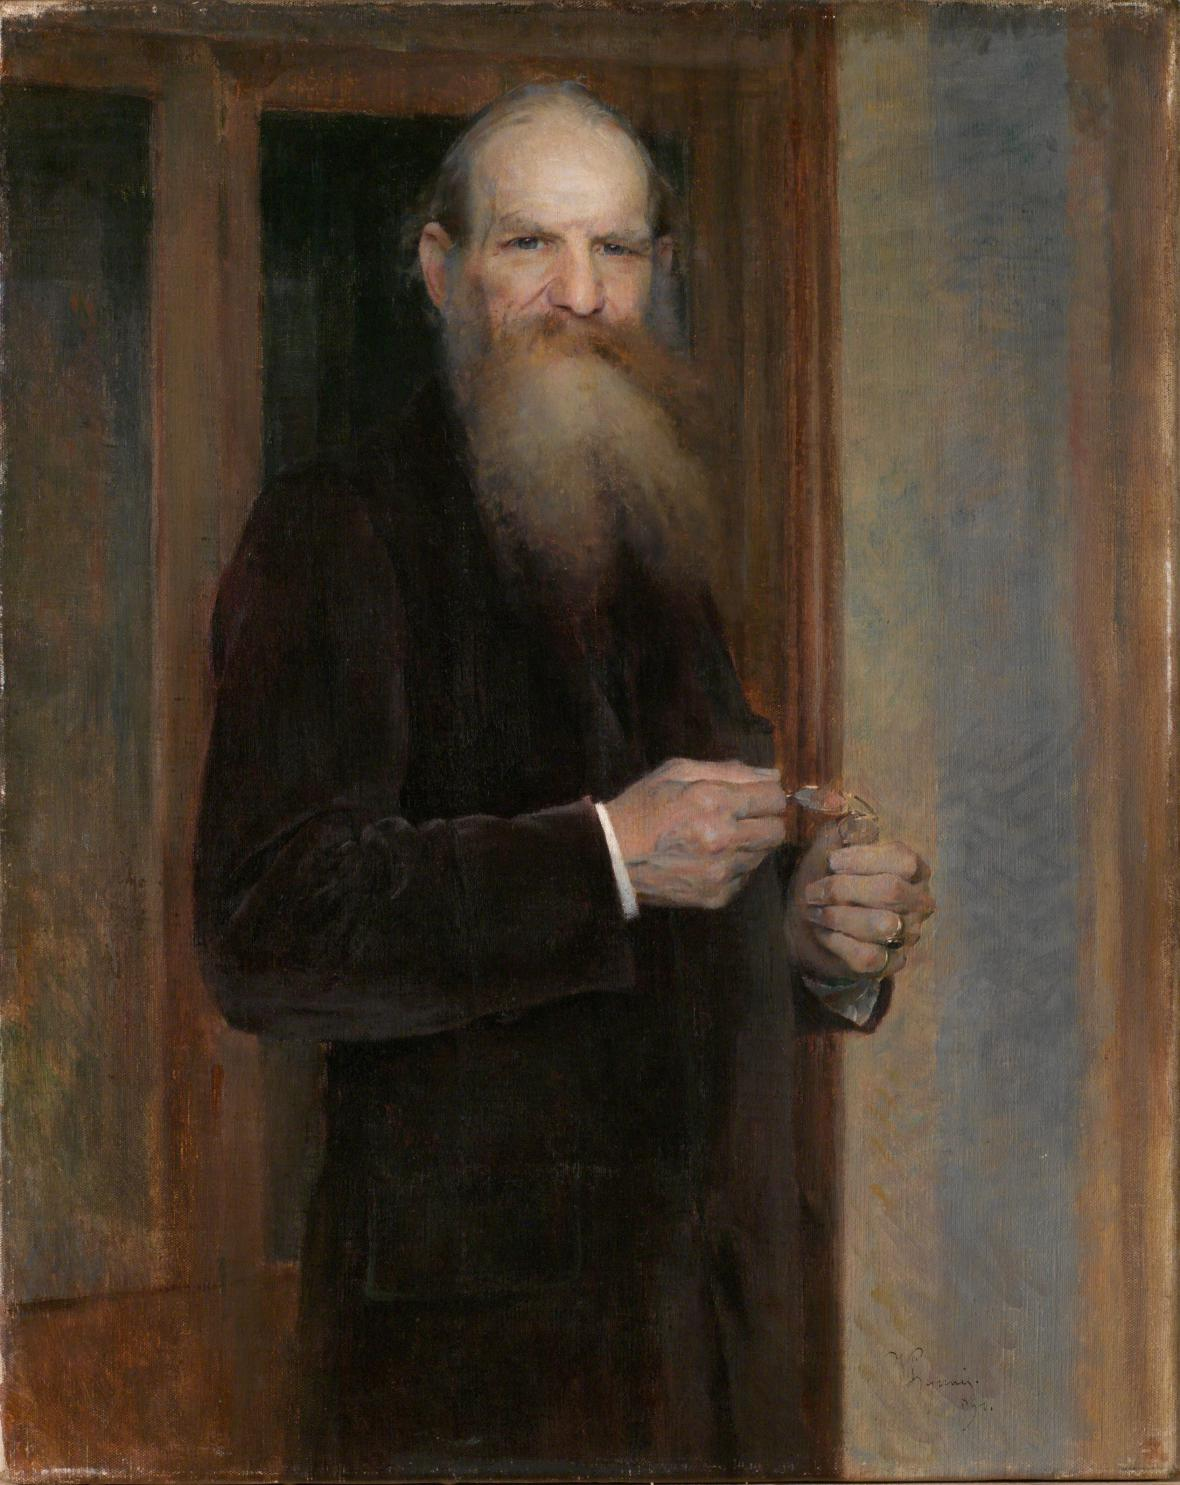 Vojtěch Hynais, Podobizna Josefa Hlávky, 1894